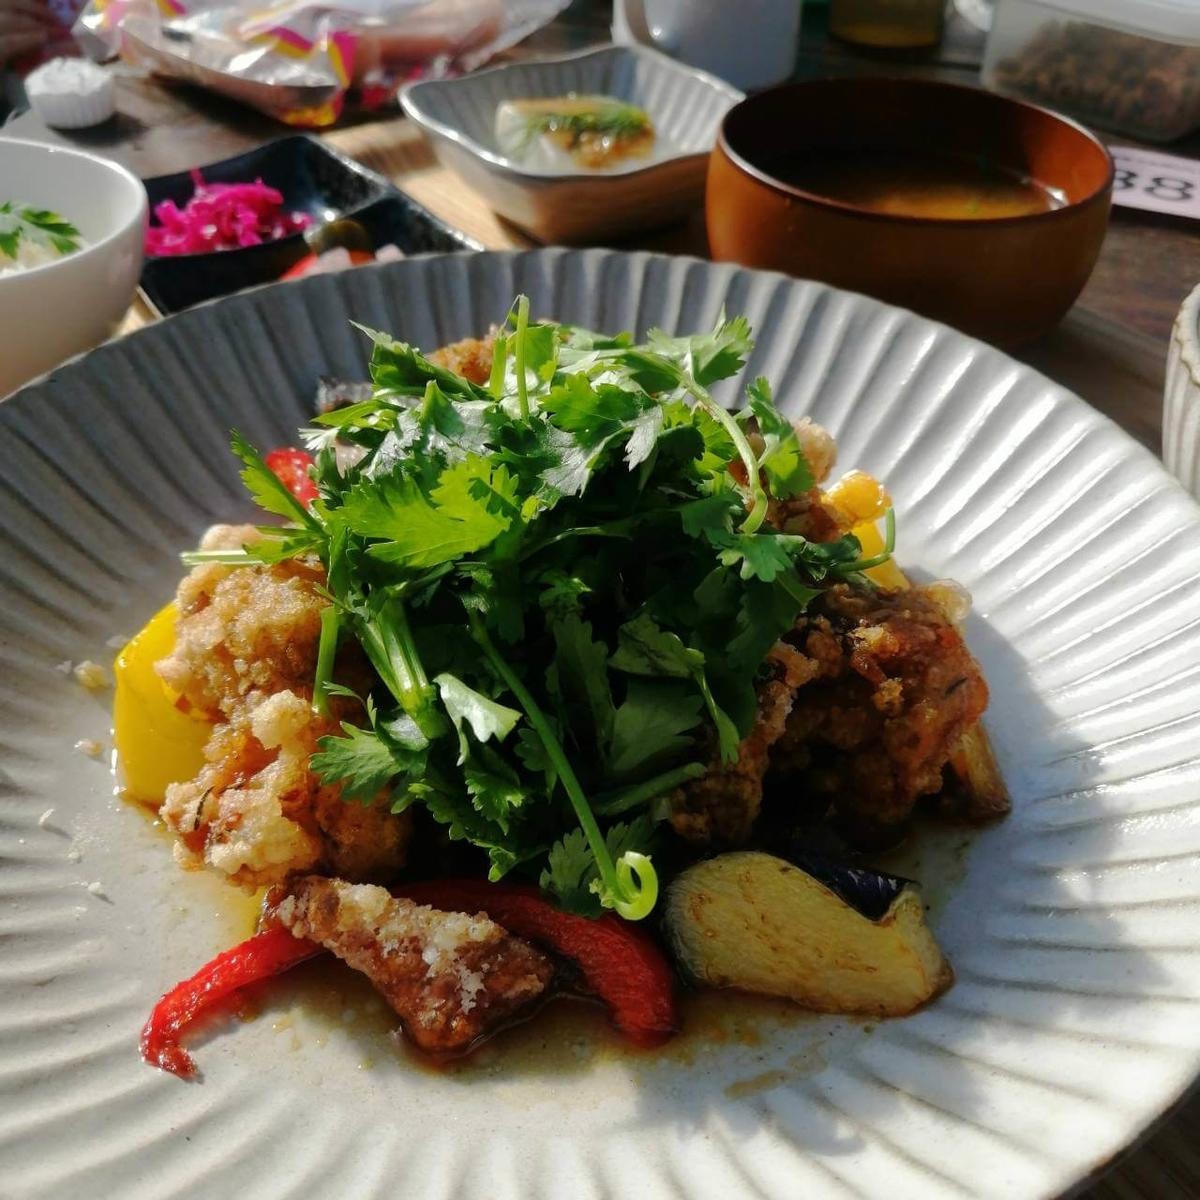 千葉県内でペットとお出かけ:大多喜ハーブガーデン レストランメニュー